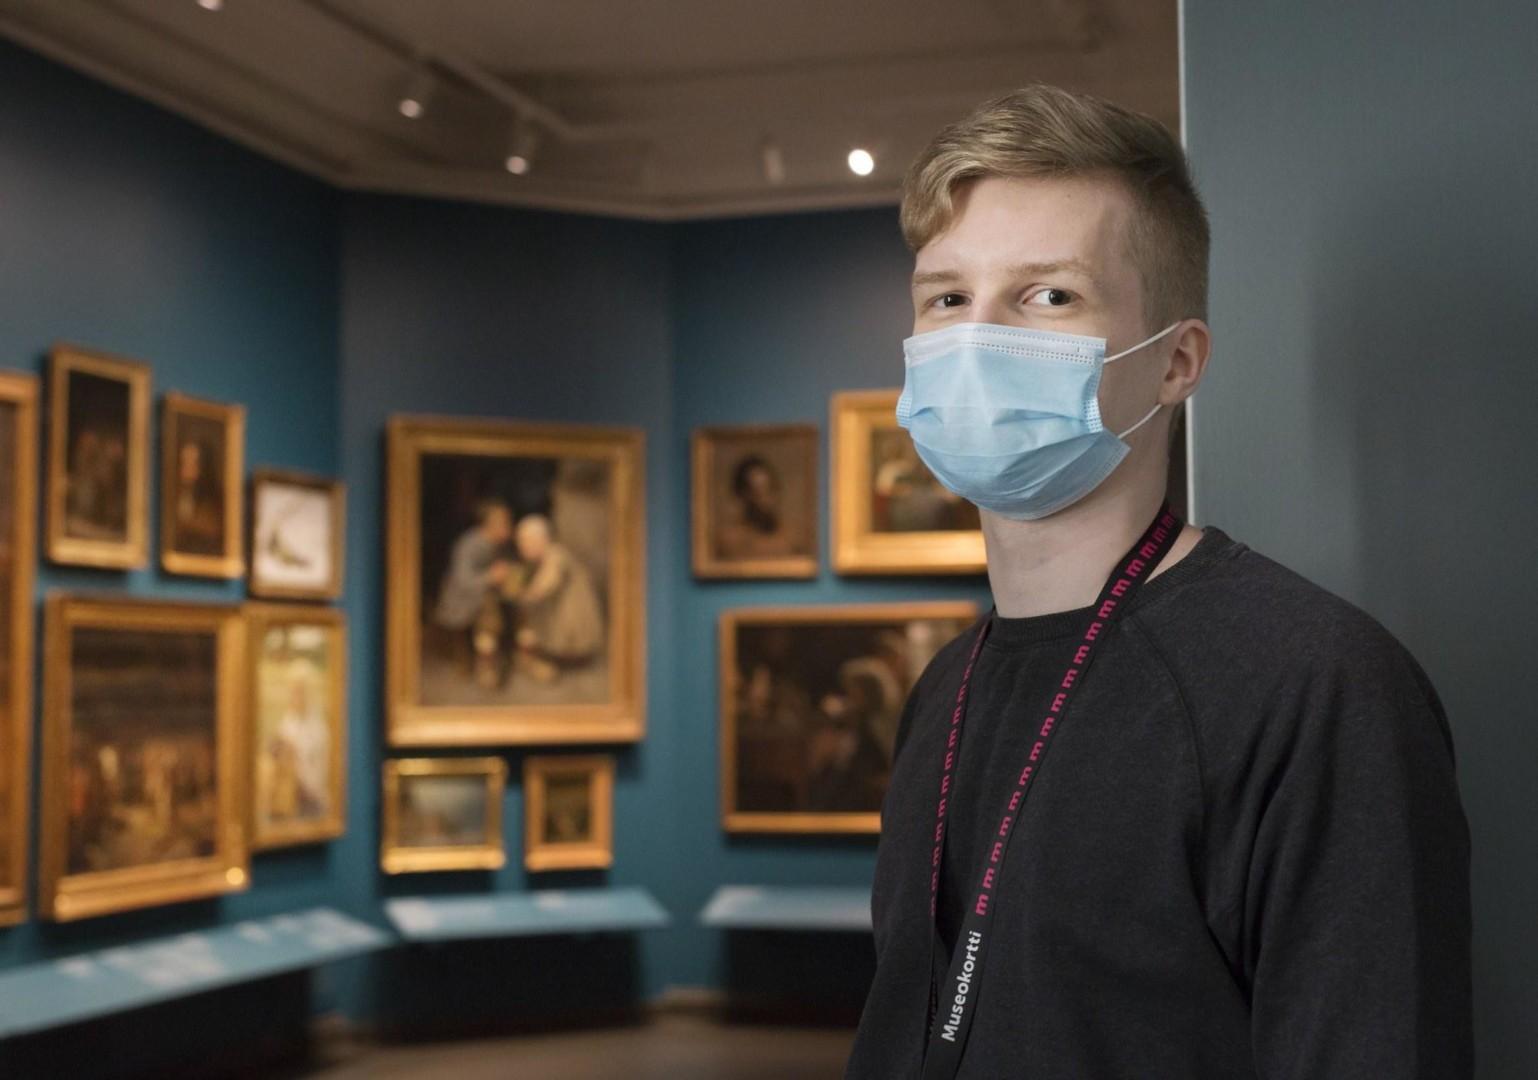 Museovalvoja maski kasvoilla